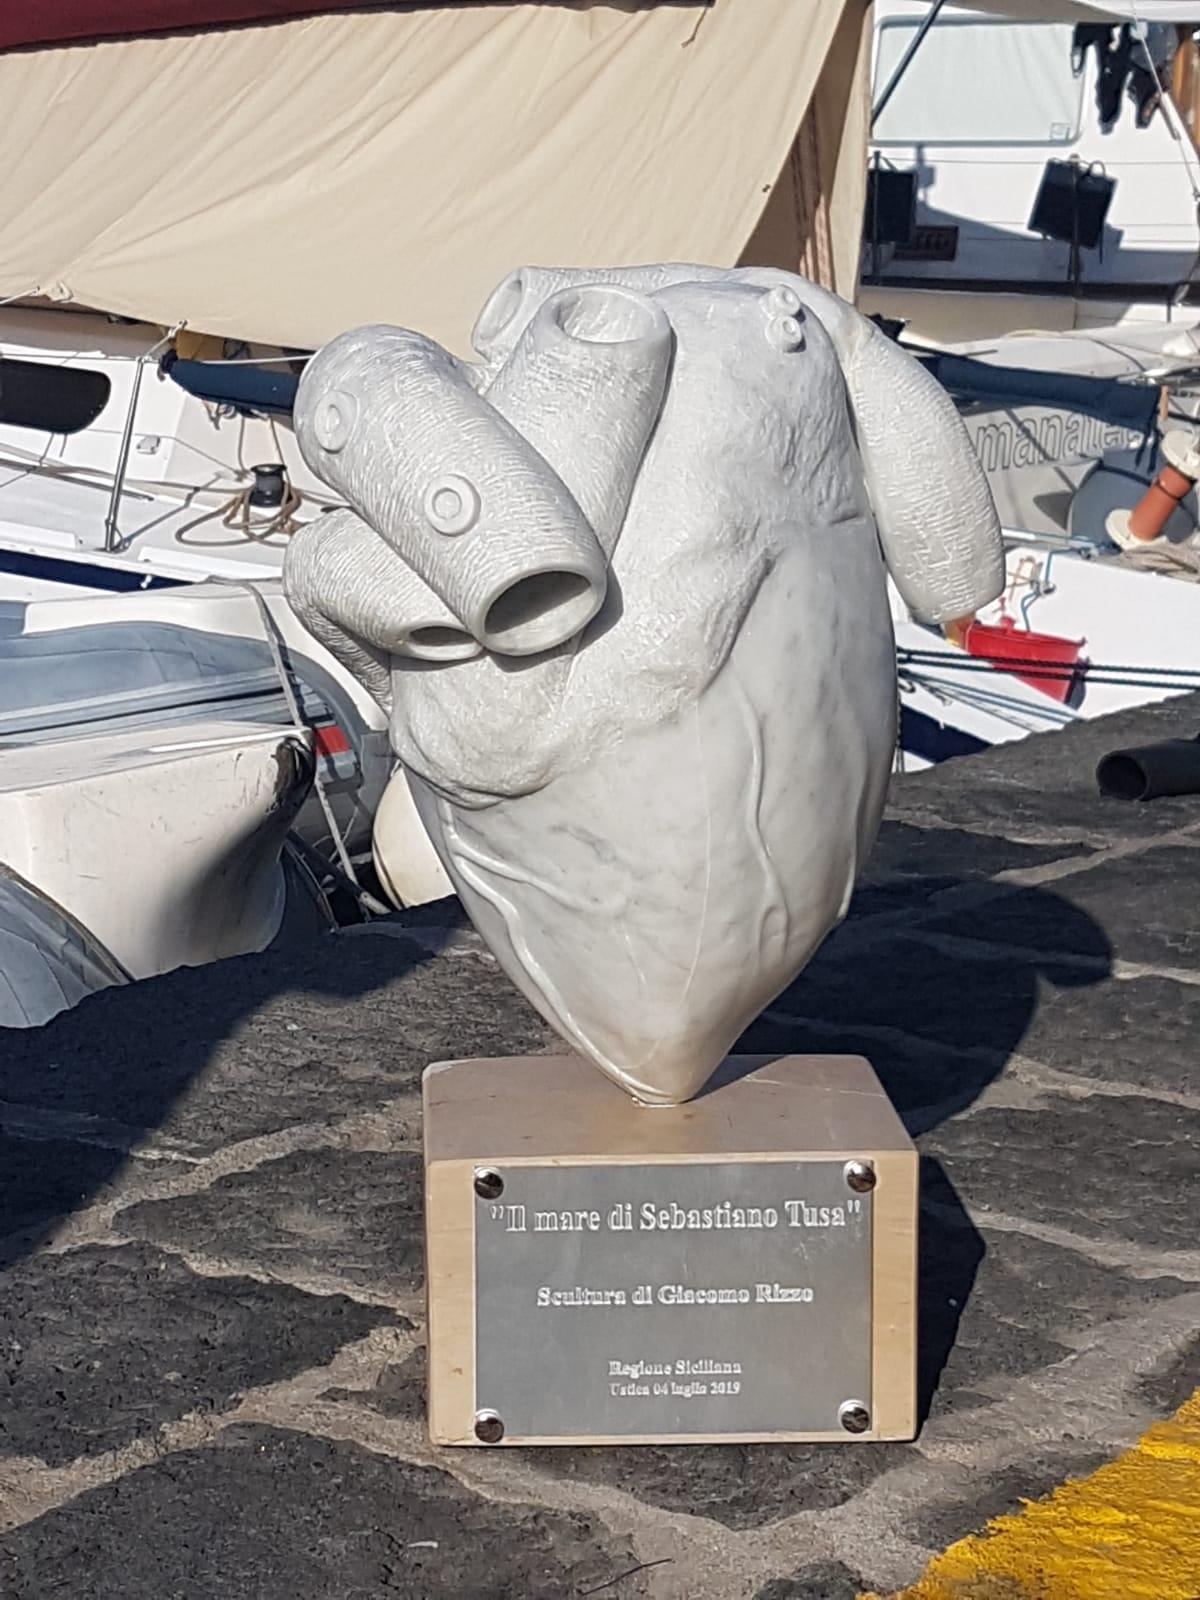 Un cuore di marmo nei fondali i Ustica per ricordare Sebastiano Tusa